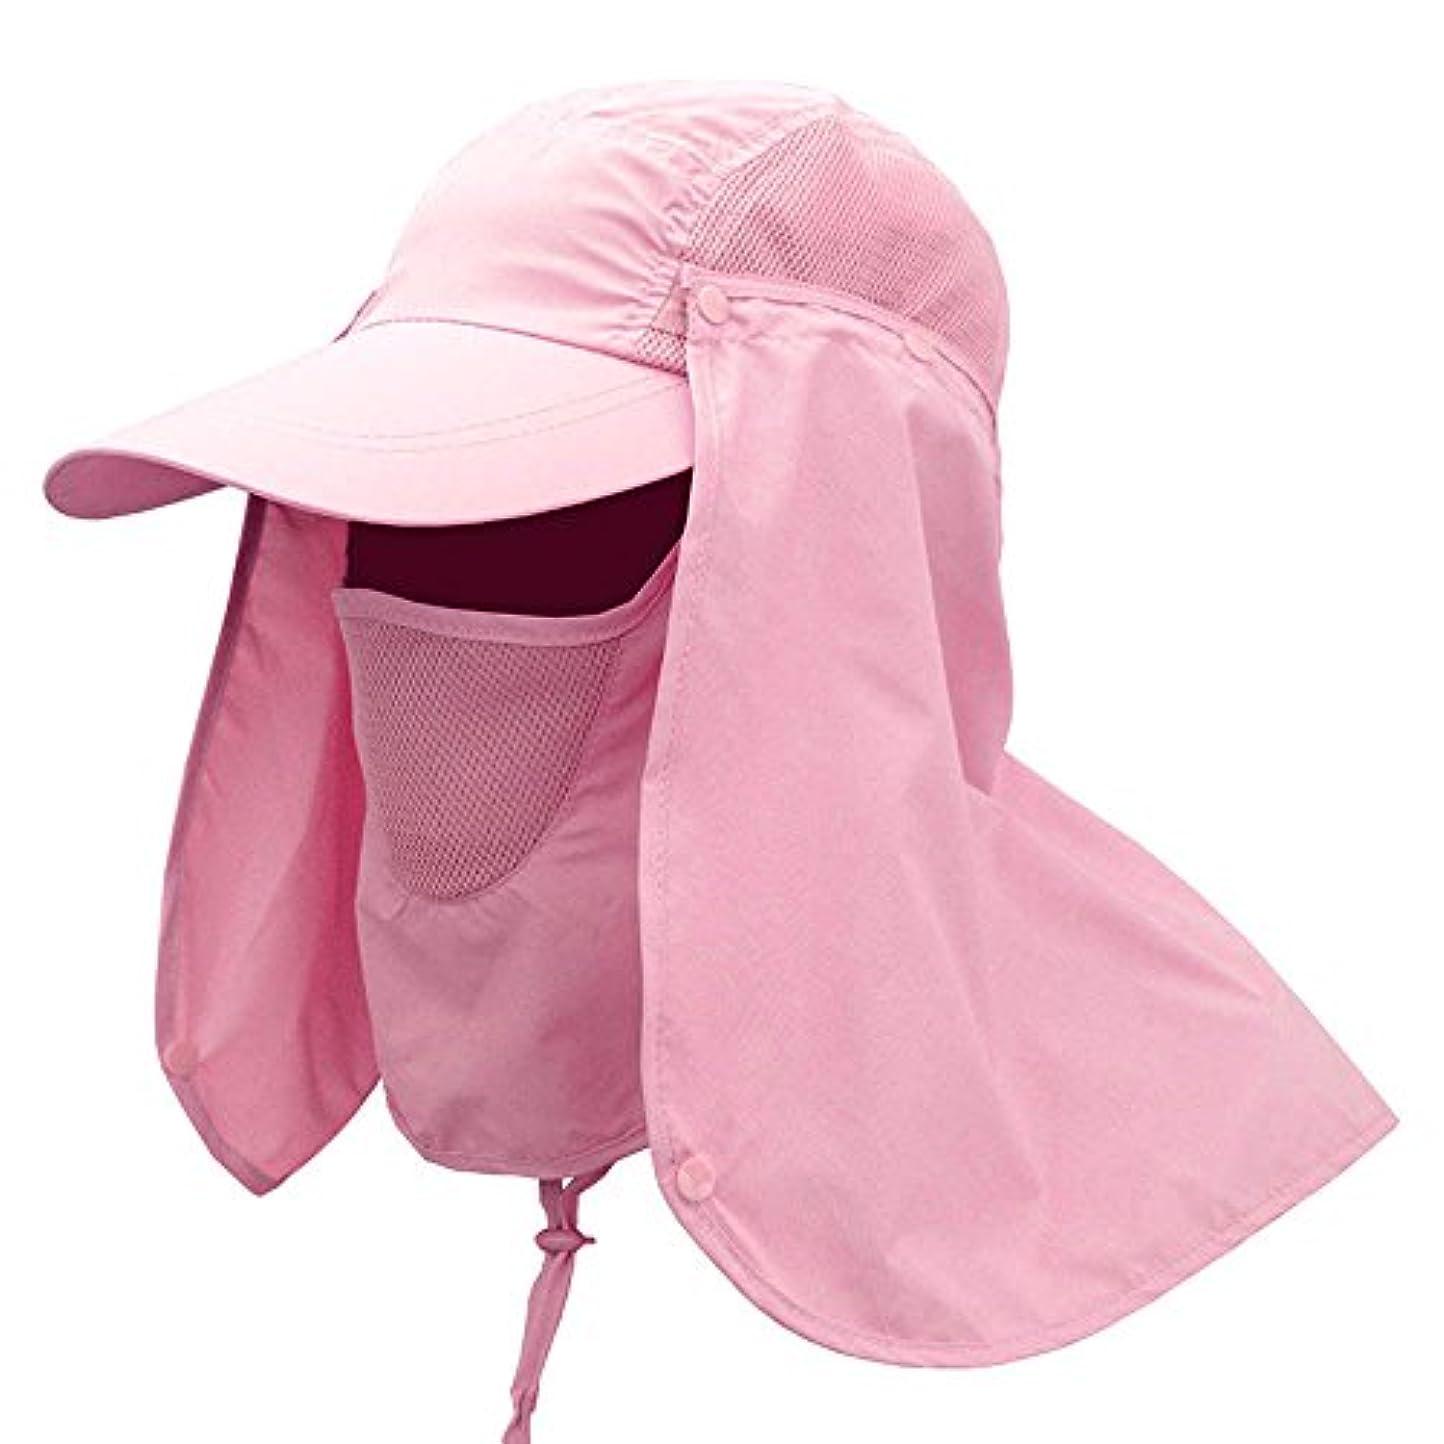 寛容汚す捨てるXmony UVカット帽子 取り外し可能 日よけカバー UPF40+ uvカットマスク 熱中症対策に 速乾性 男女兼用 (ピンク)